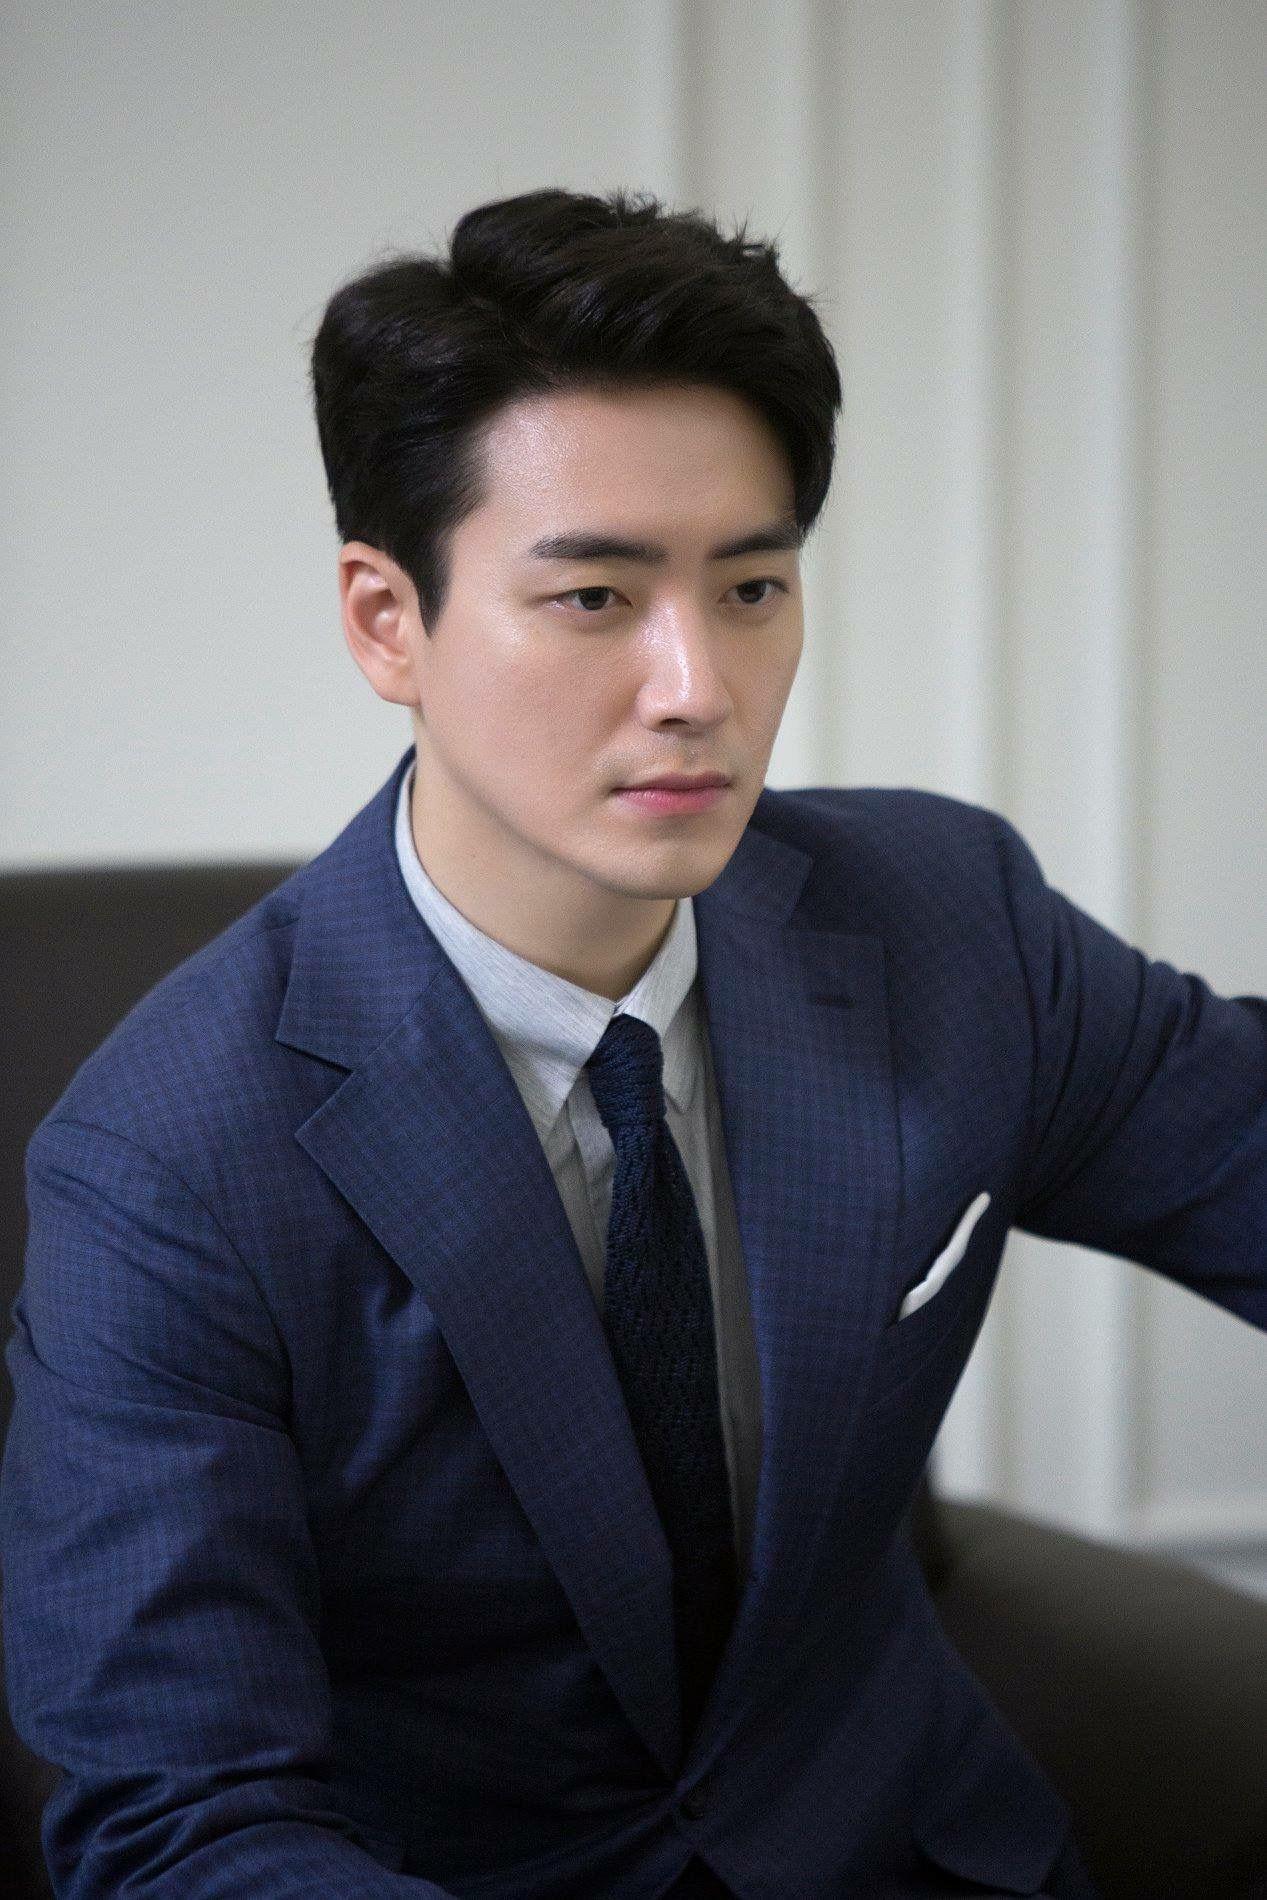 kim-ok-bin-lee-joon-hyuk-in-talks-to-star-in-ocn-upcoming-drama-2